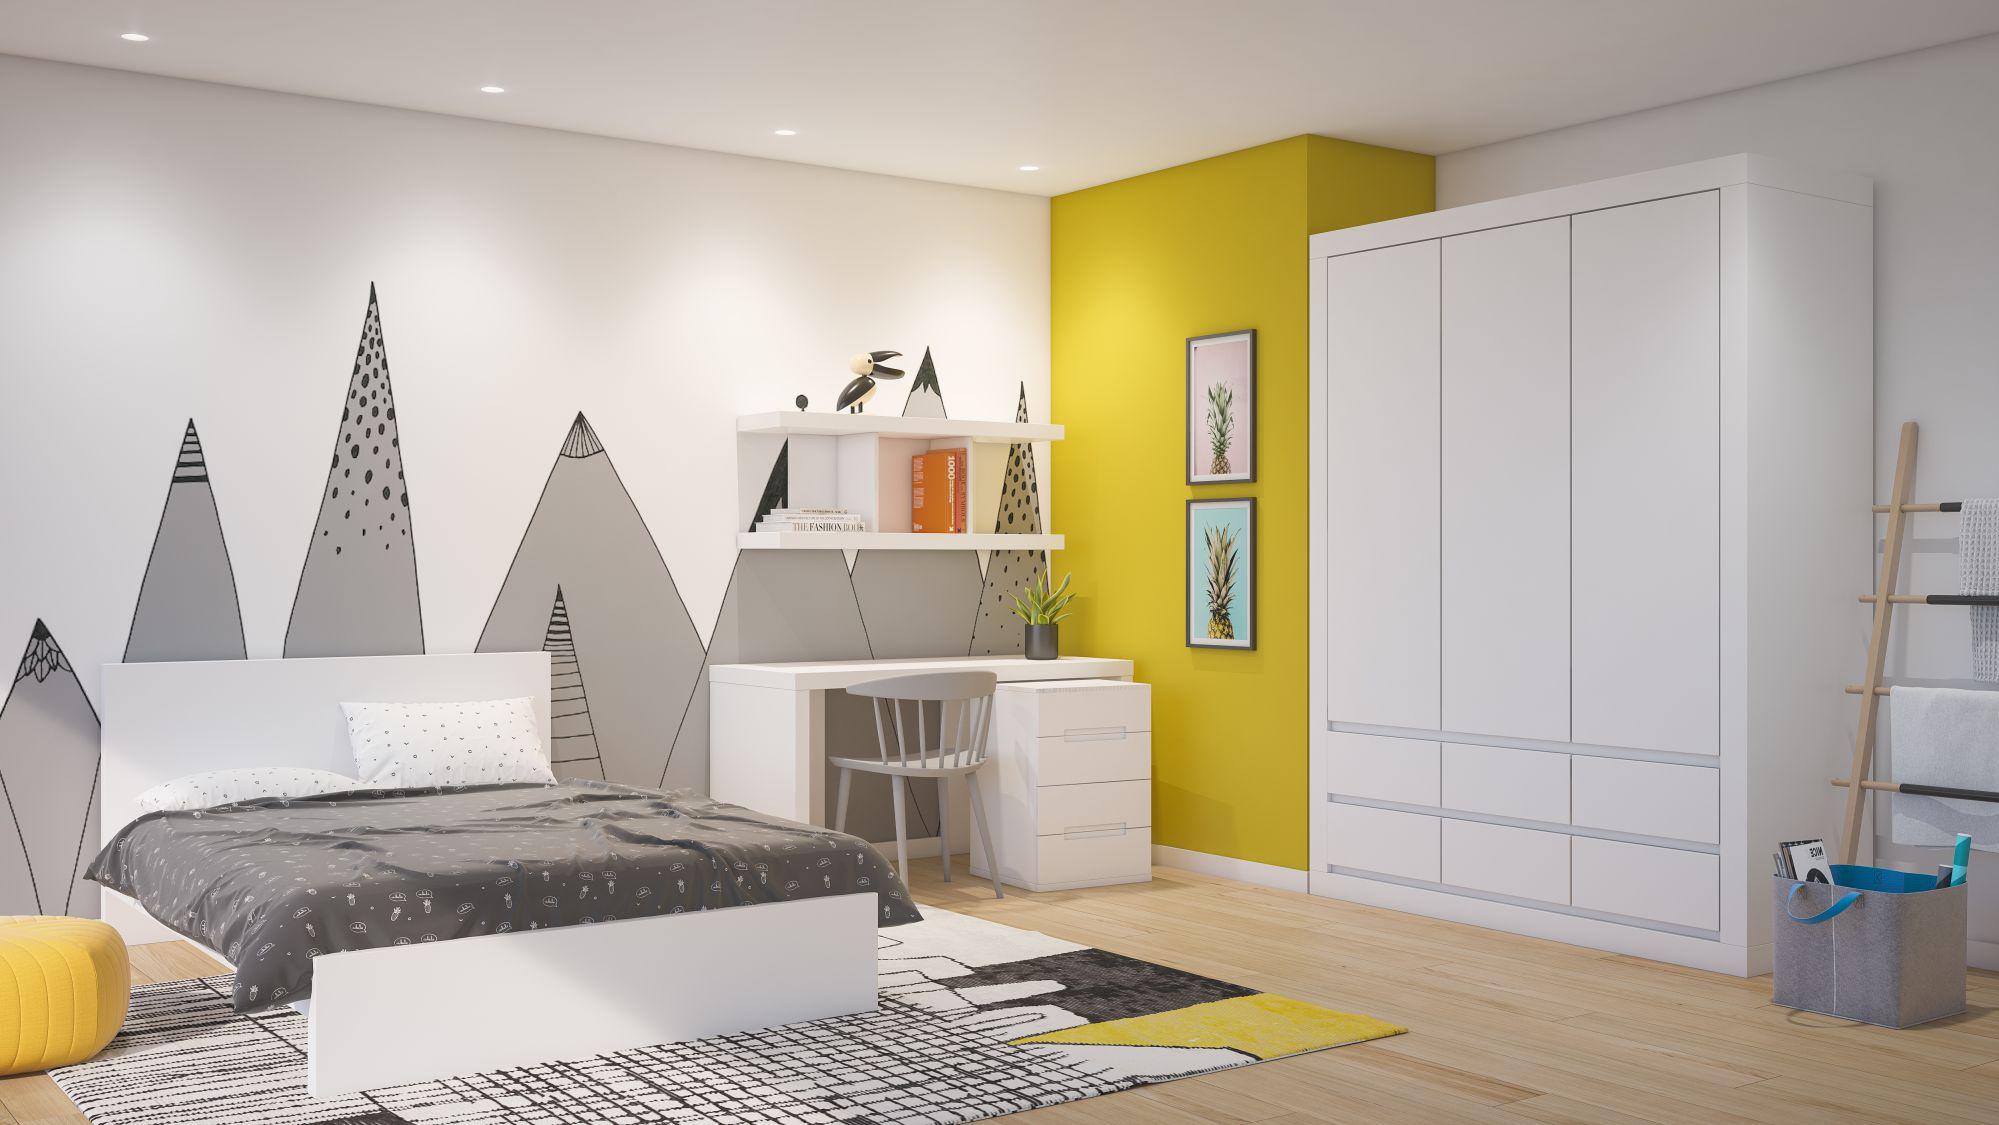 חדר ילדים ונוער - חדר אריאל